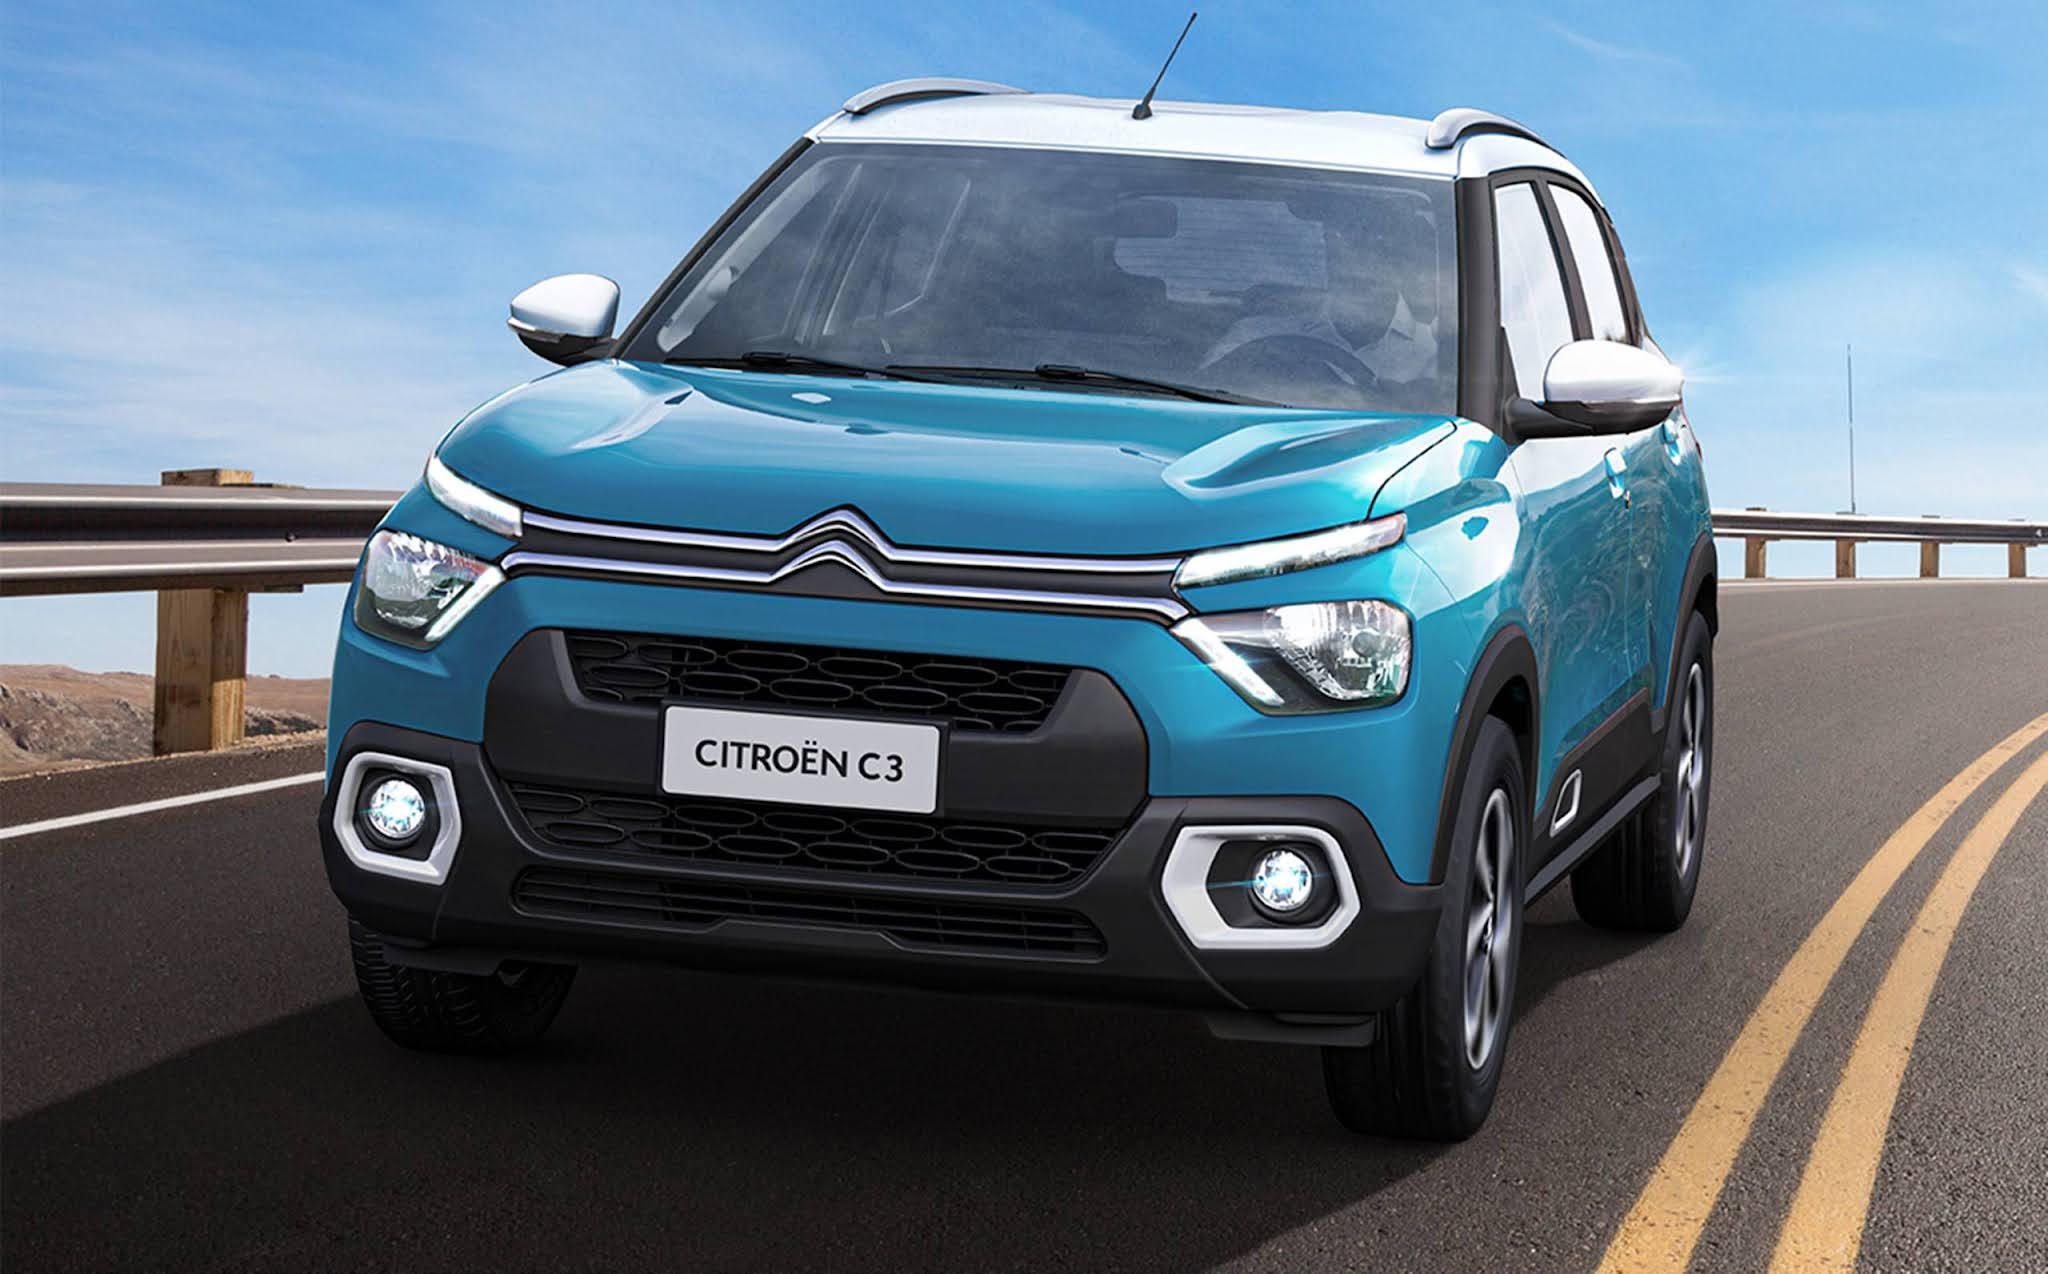 Novo Citroën C3 2022: primeira imagem oficial revelada - Brasil